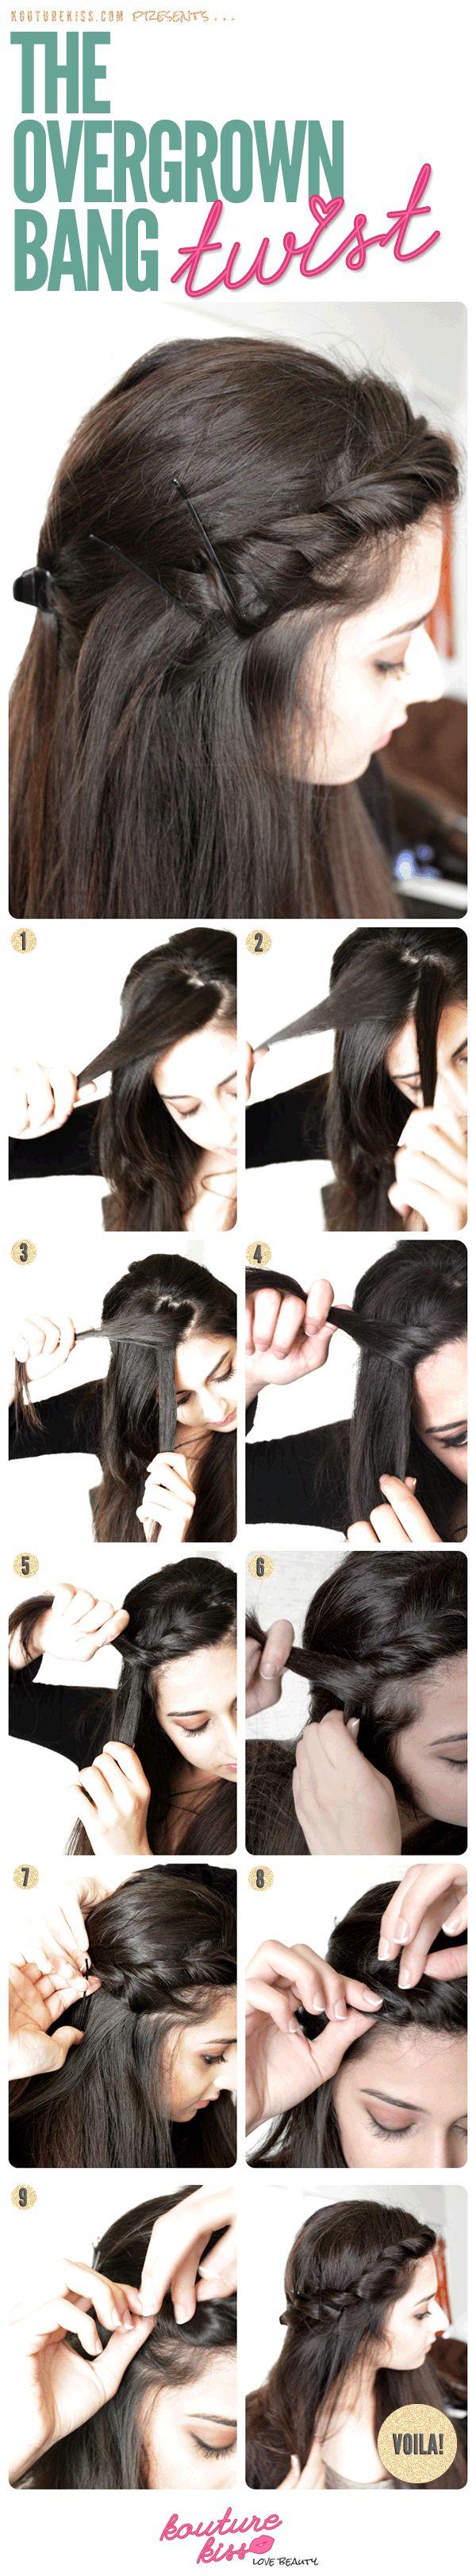 The Overgrown Bang Twist - Kouturekiss - Your One Stop Everything Beauty Spot - kouturekiss.com